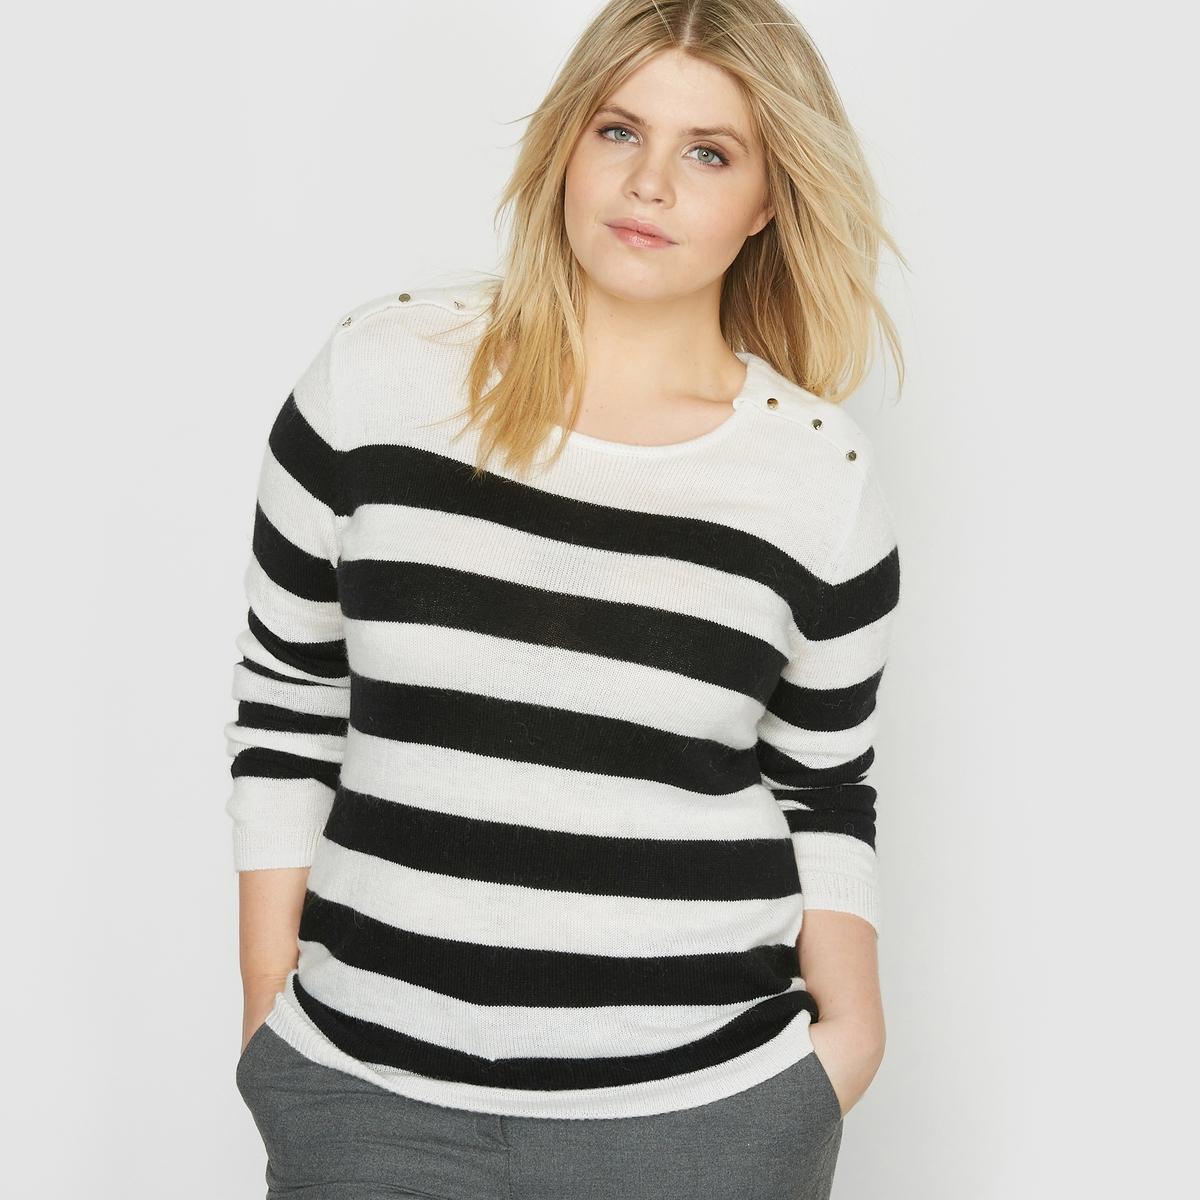 Пуловер в полоску в морском стиле, 17% альпакиСостав и описание :Материал : 83% полиамида, 17% альпаки.Длина : 67 см для размера 42/44.Марка : CASTALUNA.Уход : ручная стирка.<br><br>Цвет: в полоску экрю/черный